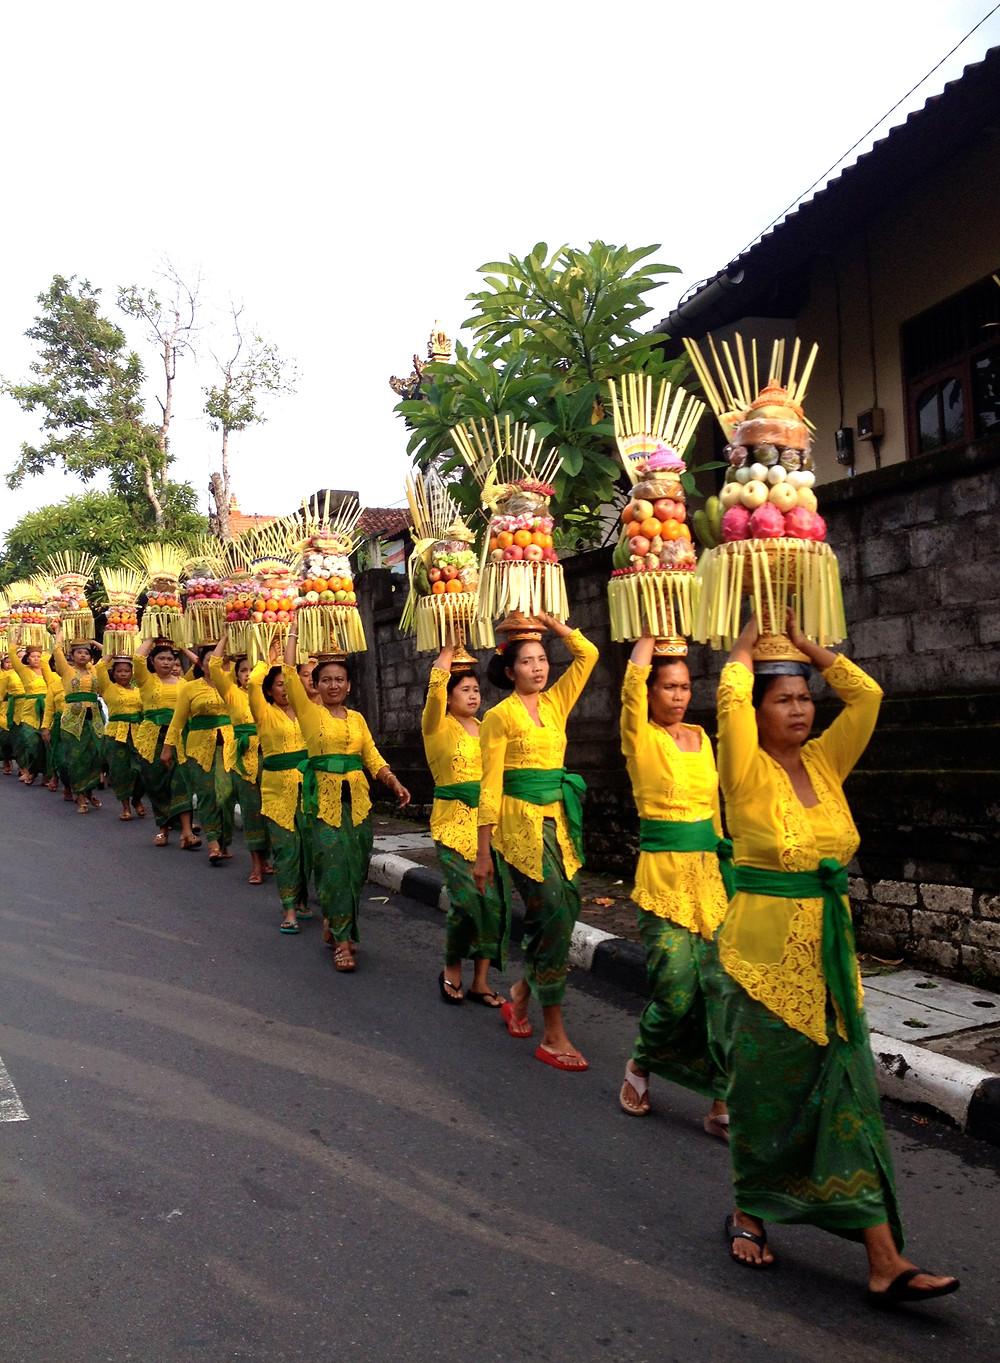 Femmes se rendant à une cérémonie, Ubud